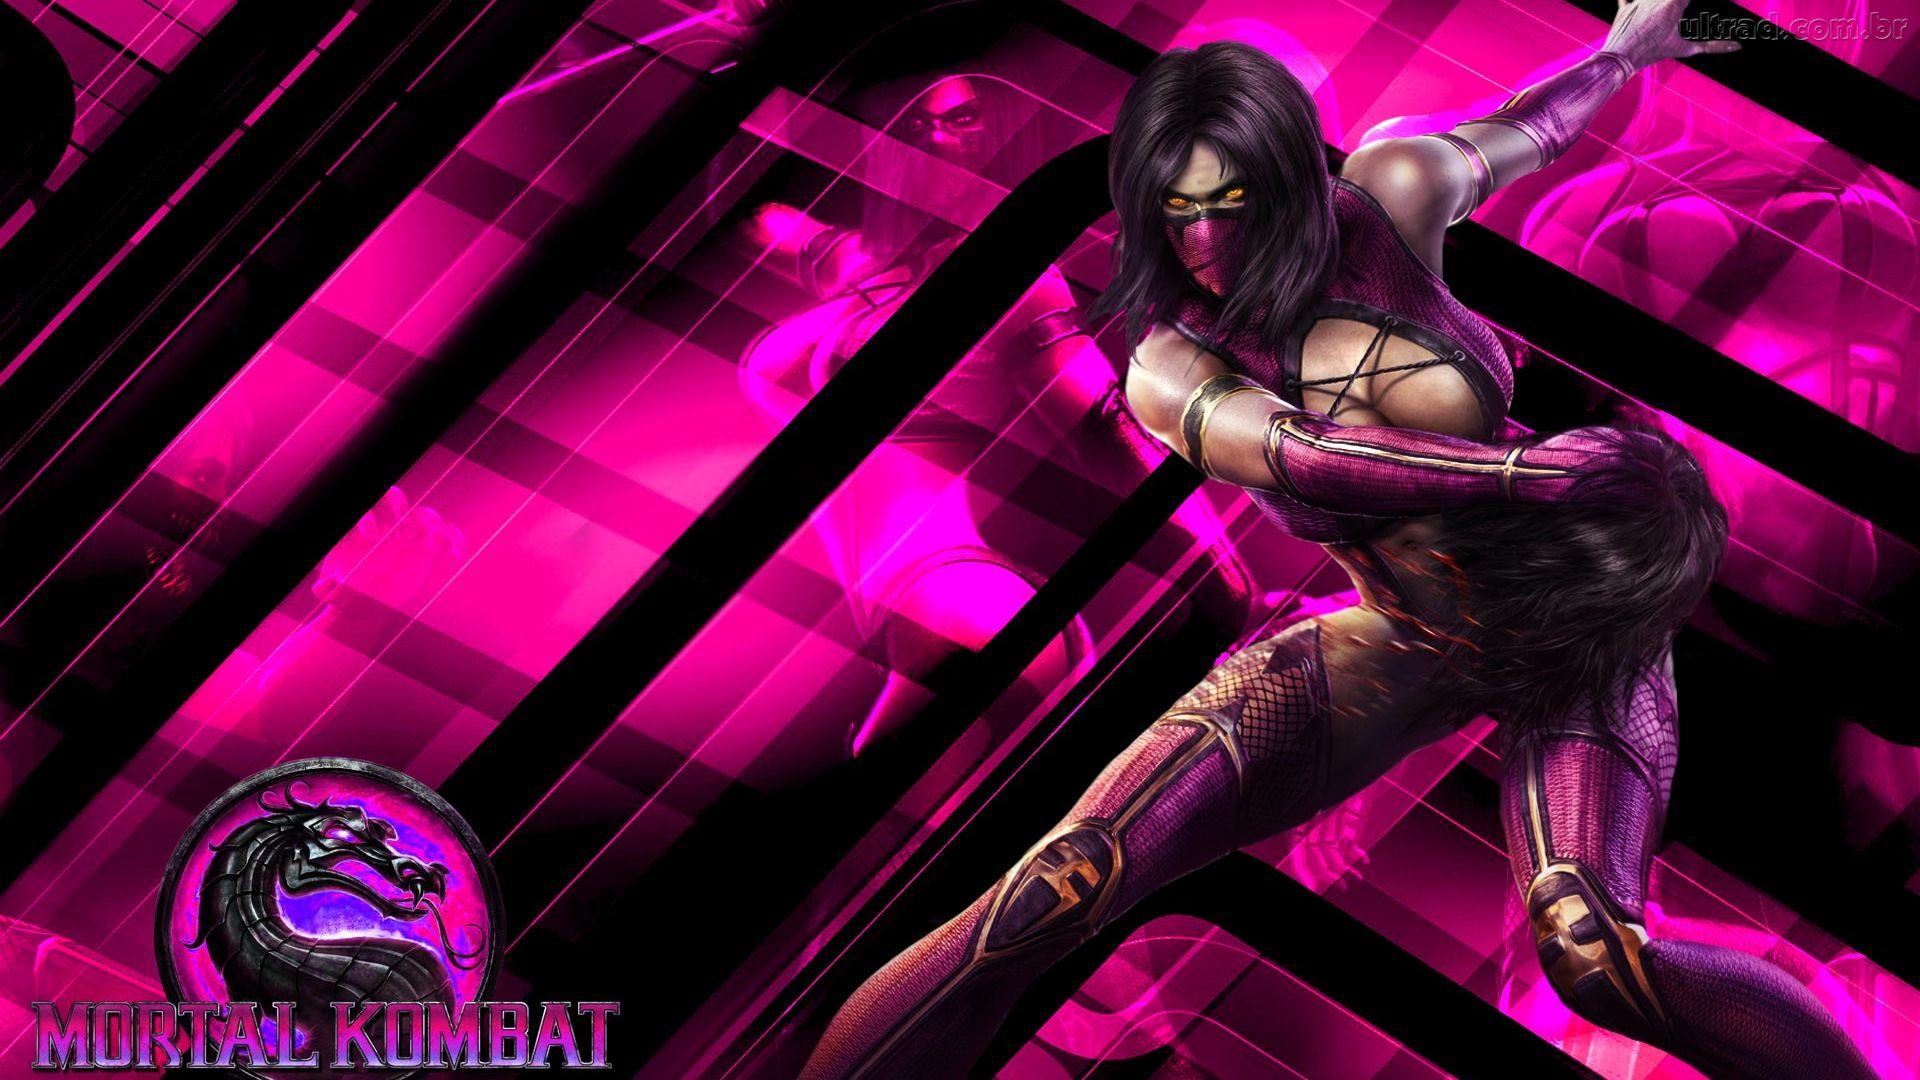 Mortal Kombat Mileena Wallpaper - WallpaperSafari